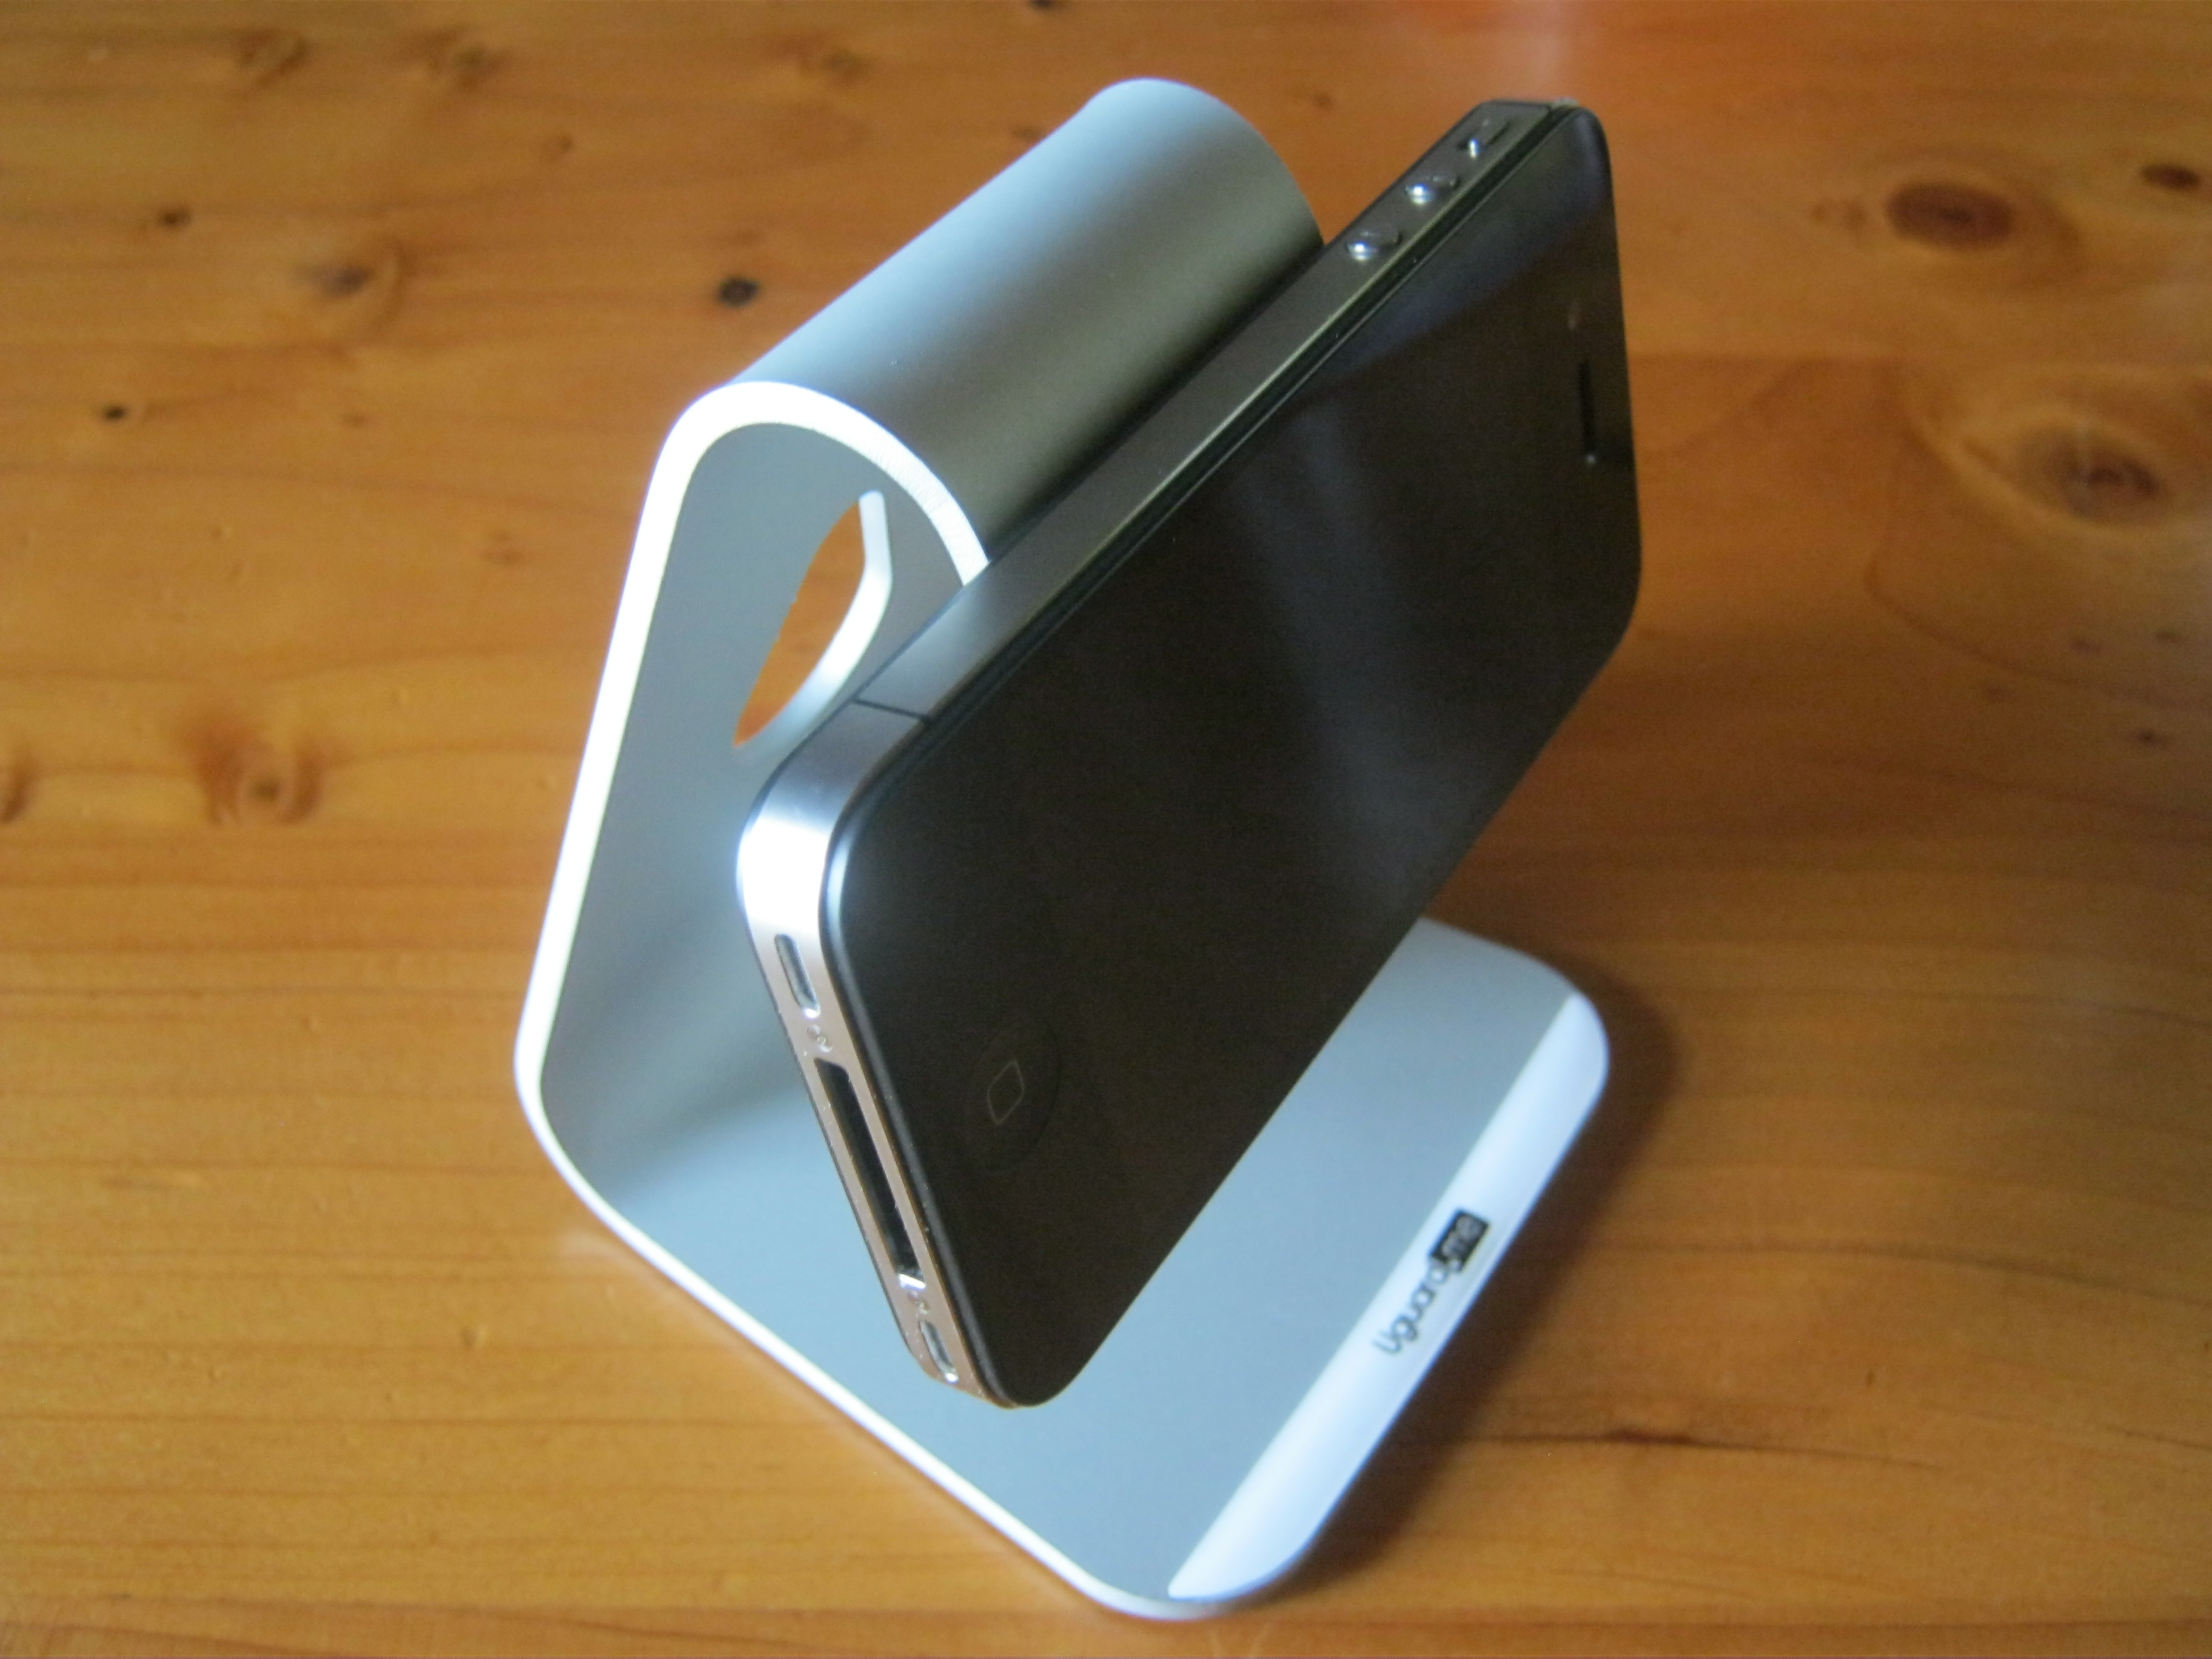 L'iPhone diventa un piccolo iMac grazie allo stand di Uguard.me | iSpazio Product Review